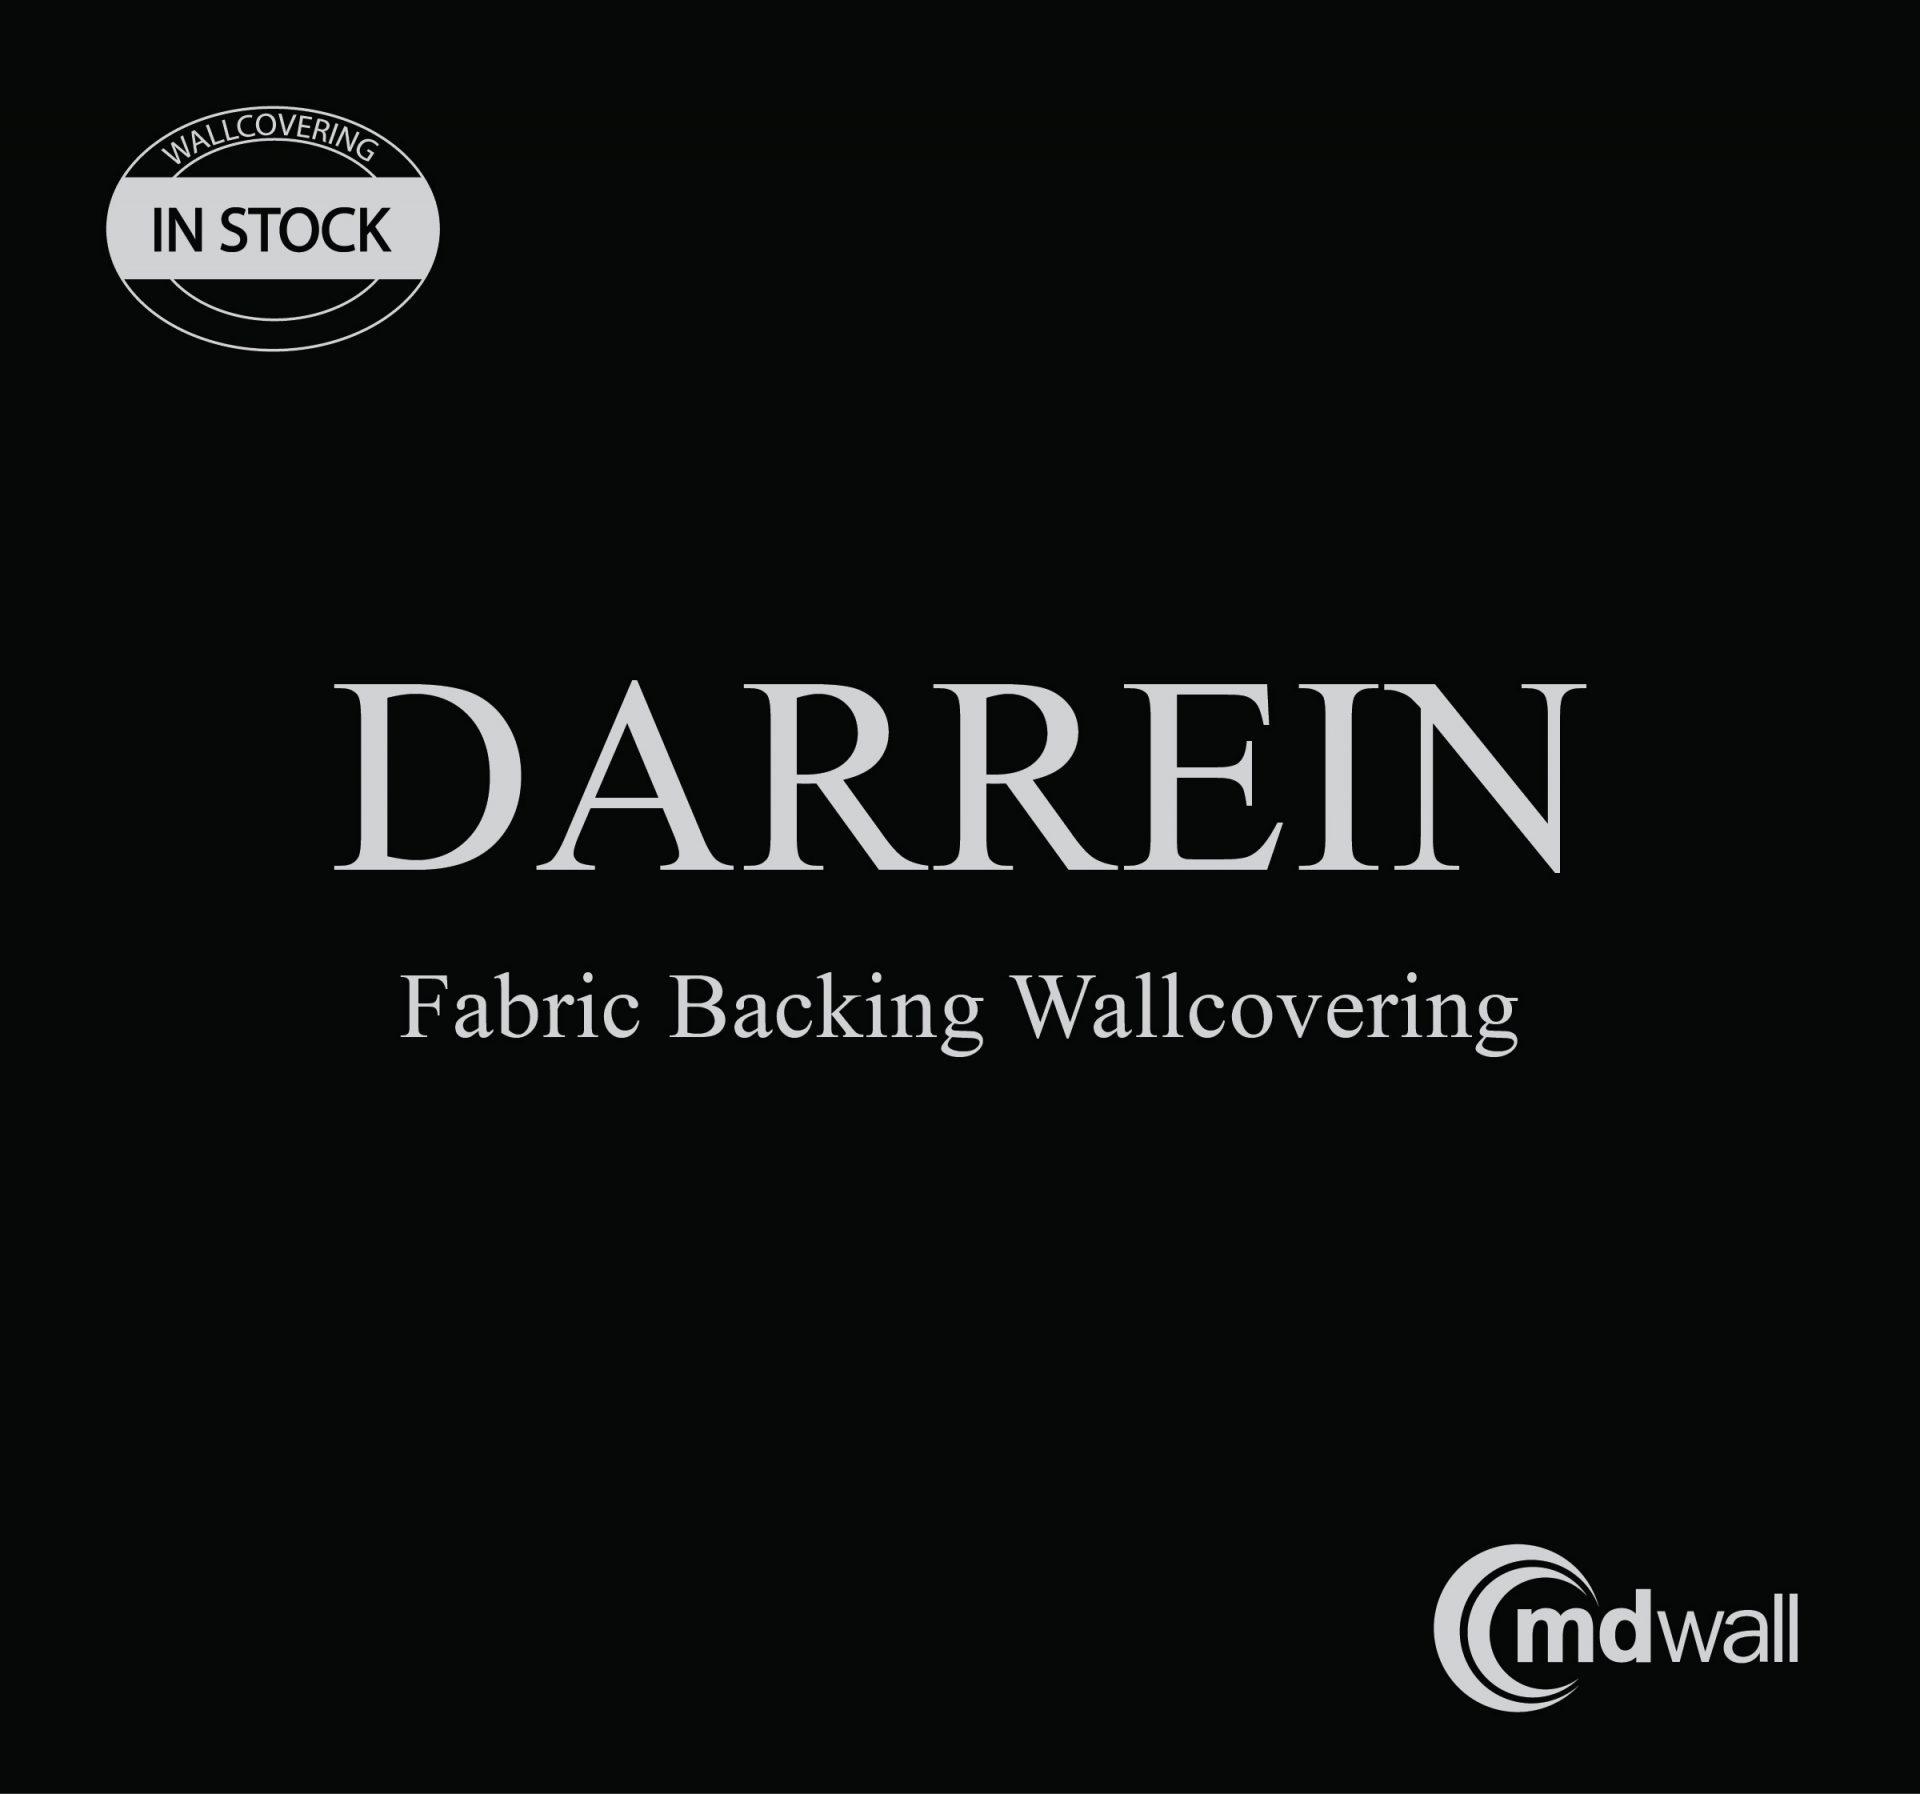 Darrein